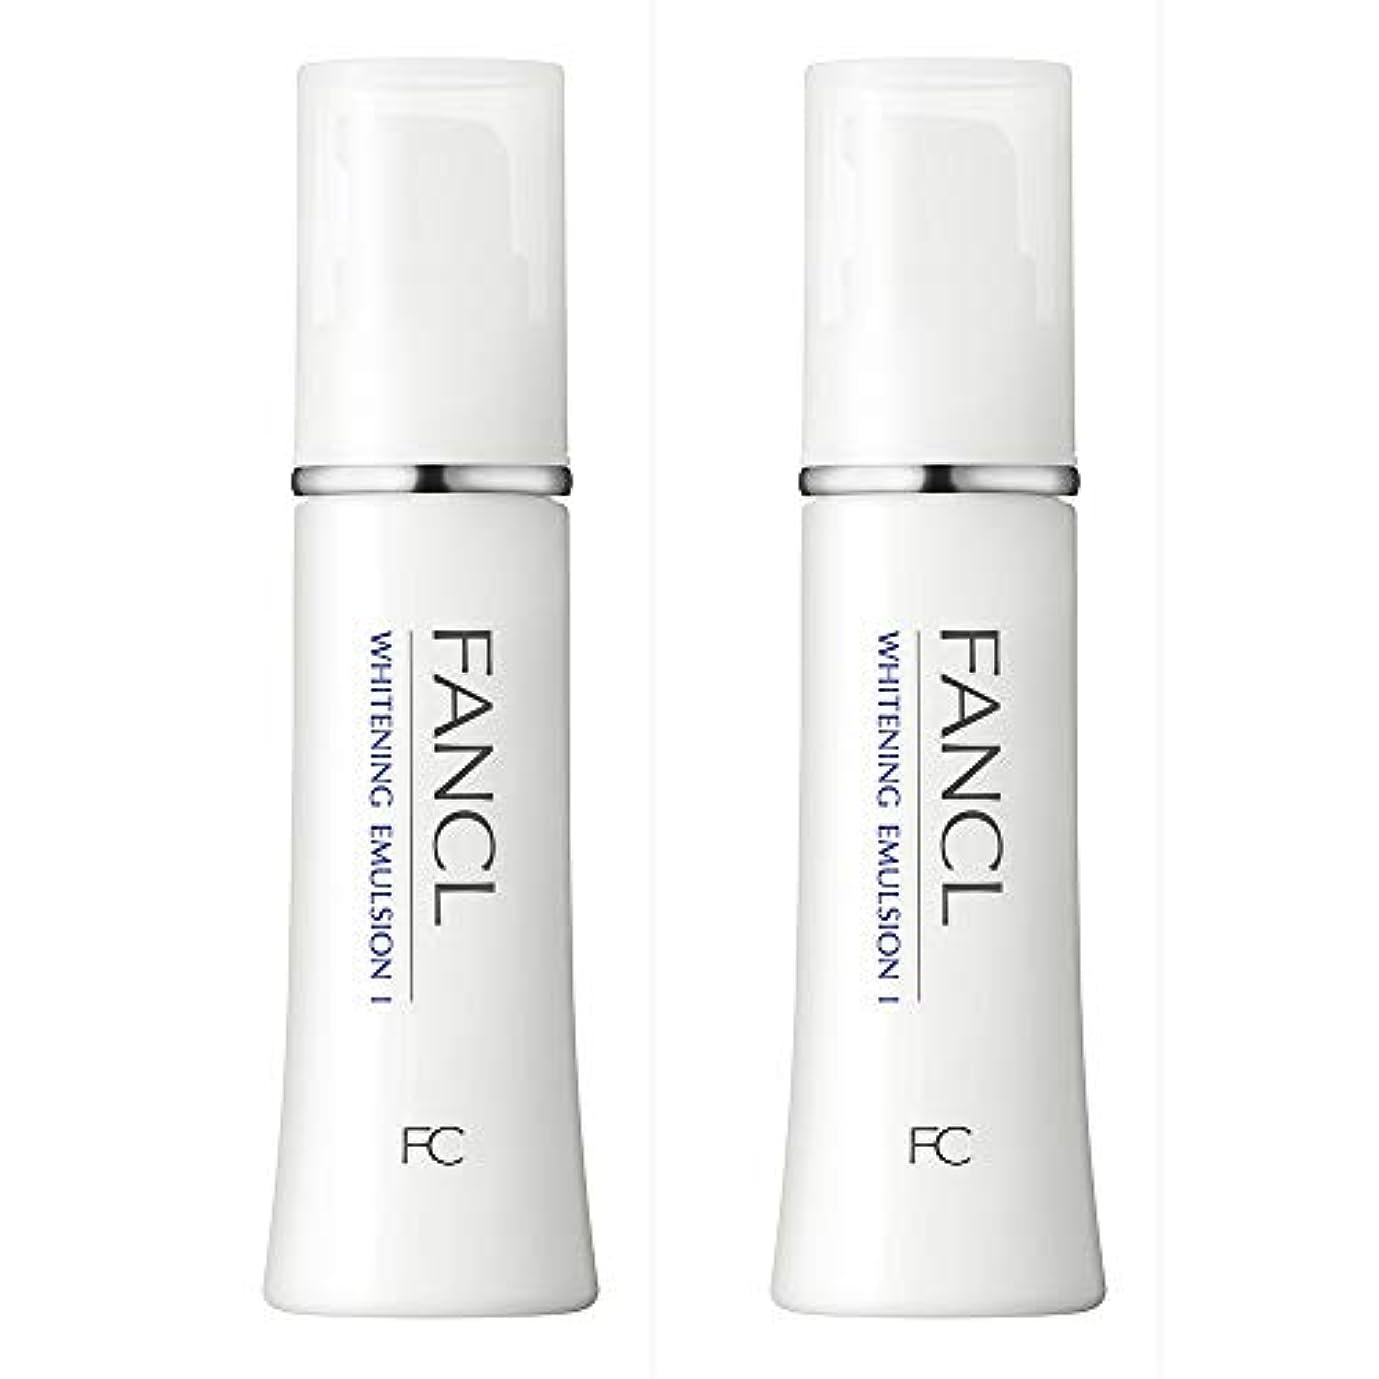 オセアニアパドルパールファンケル(FANCL) 新ホワイトニング 乳液 I さっぱり 2本セット<医薬部外品>